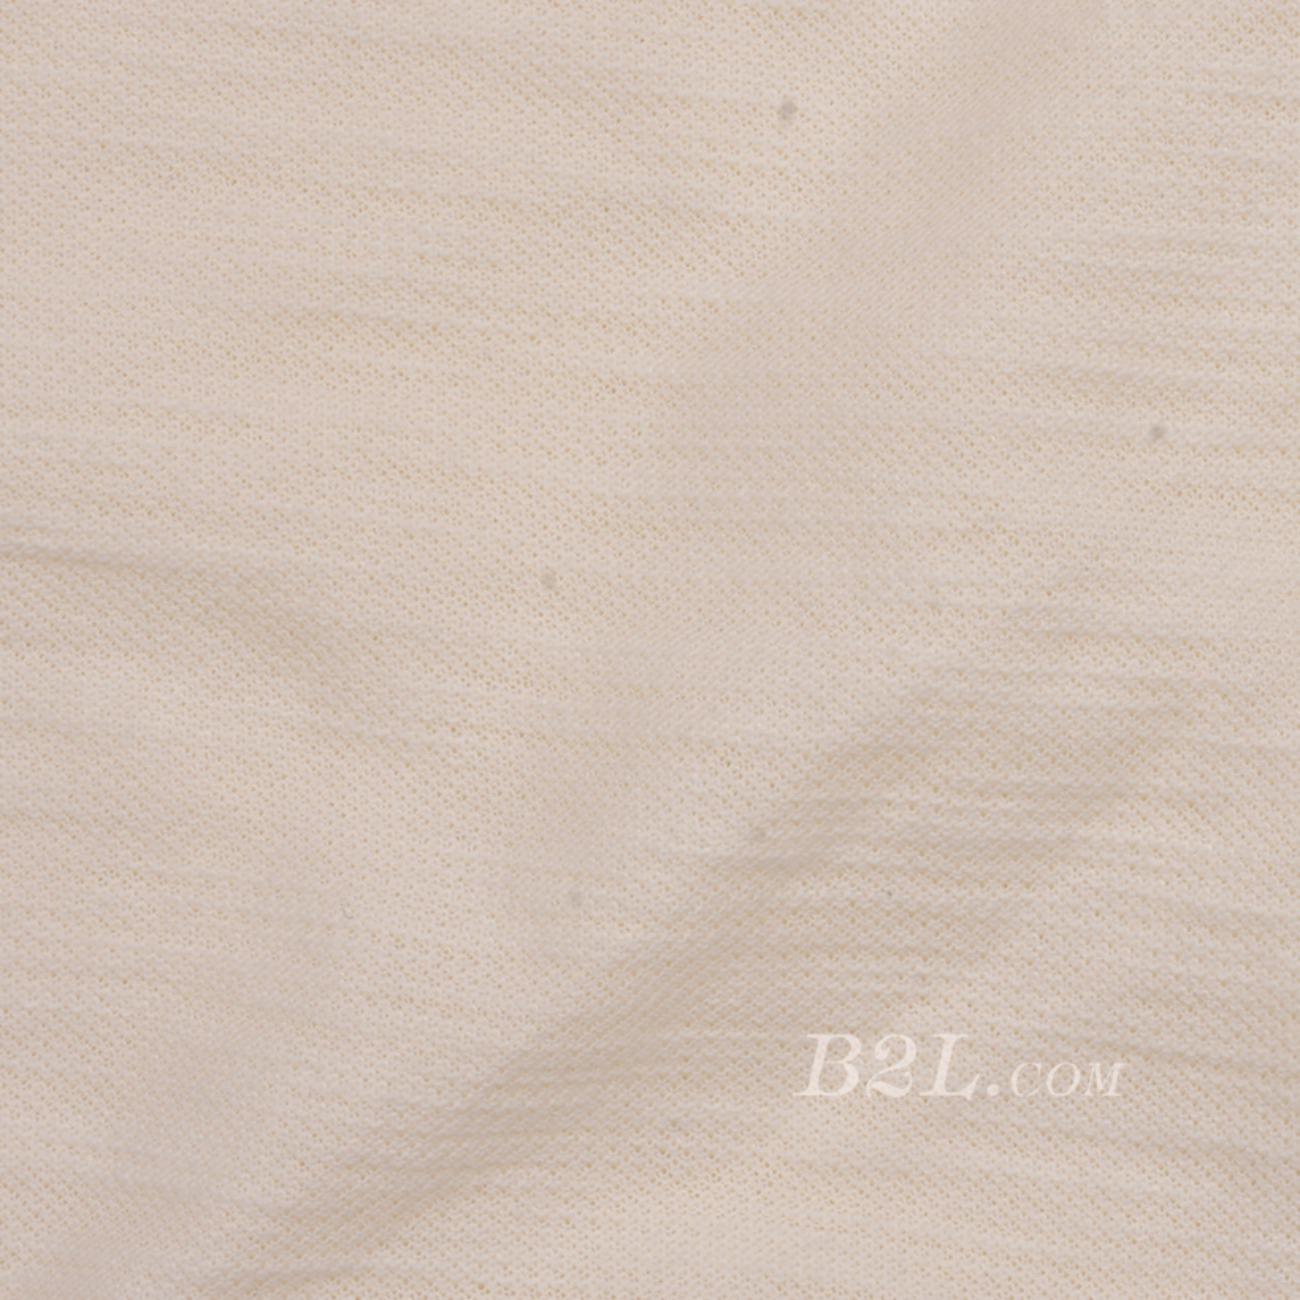 素色 梭织 染色 低弹 春秋 连衣裙 时装 90304-10